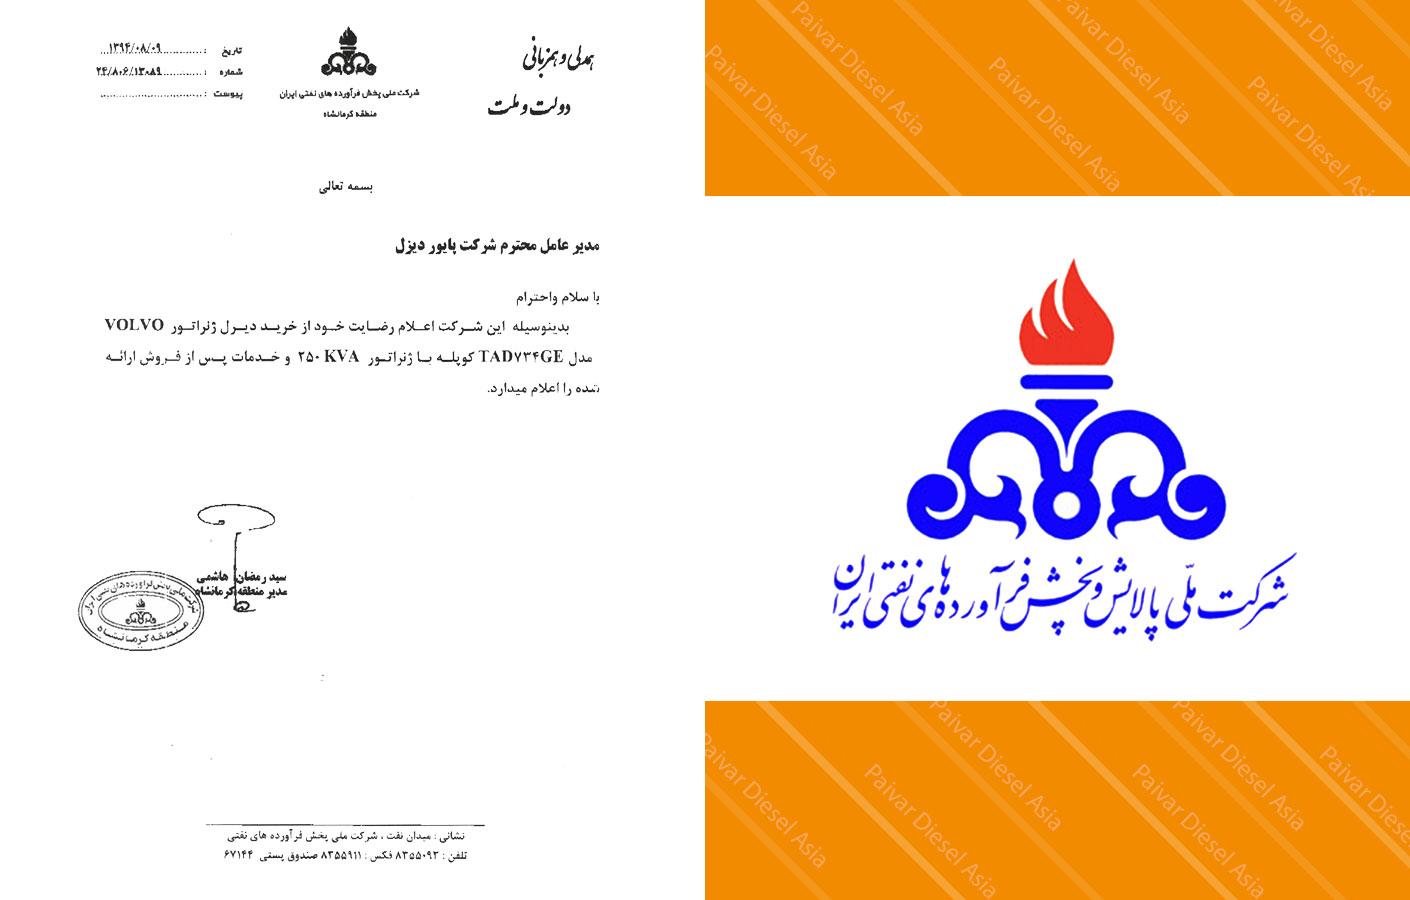 رضایت نامه شرکت ملی نفت